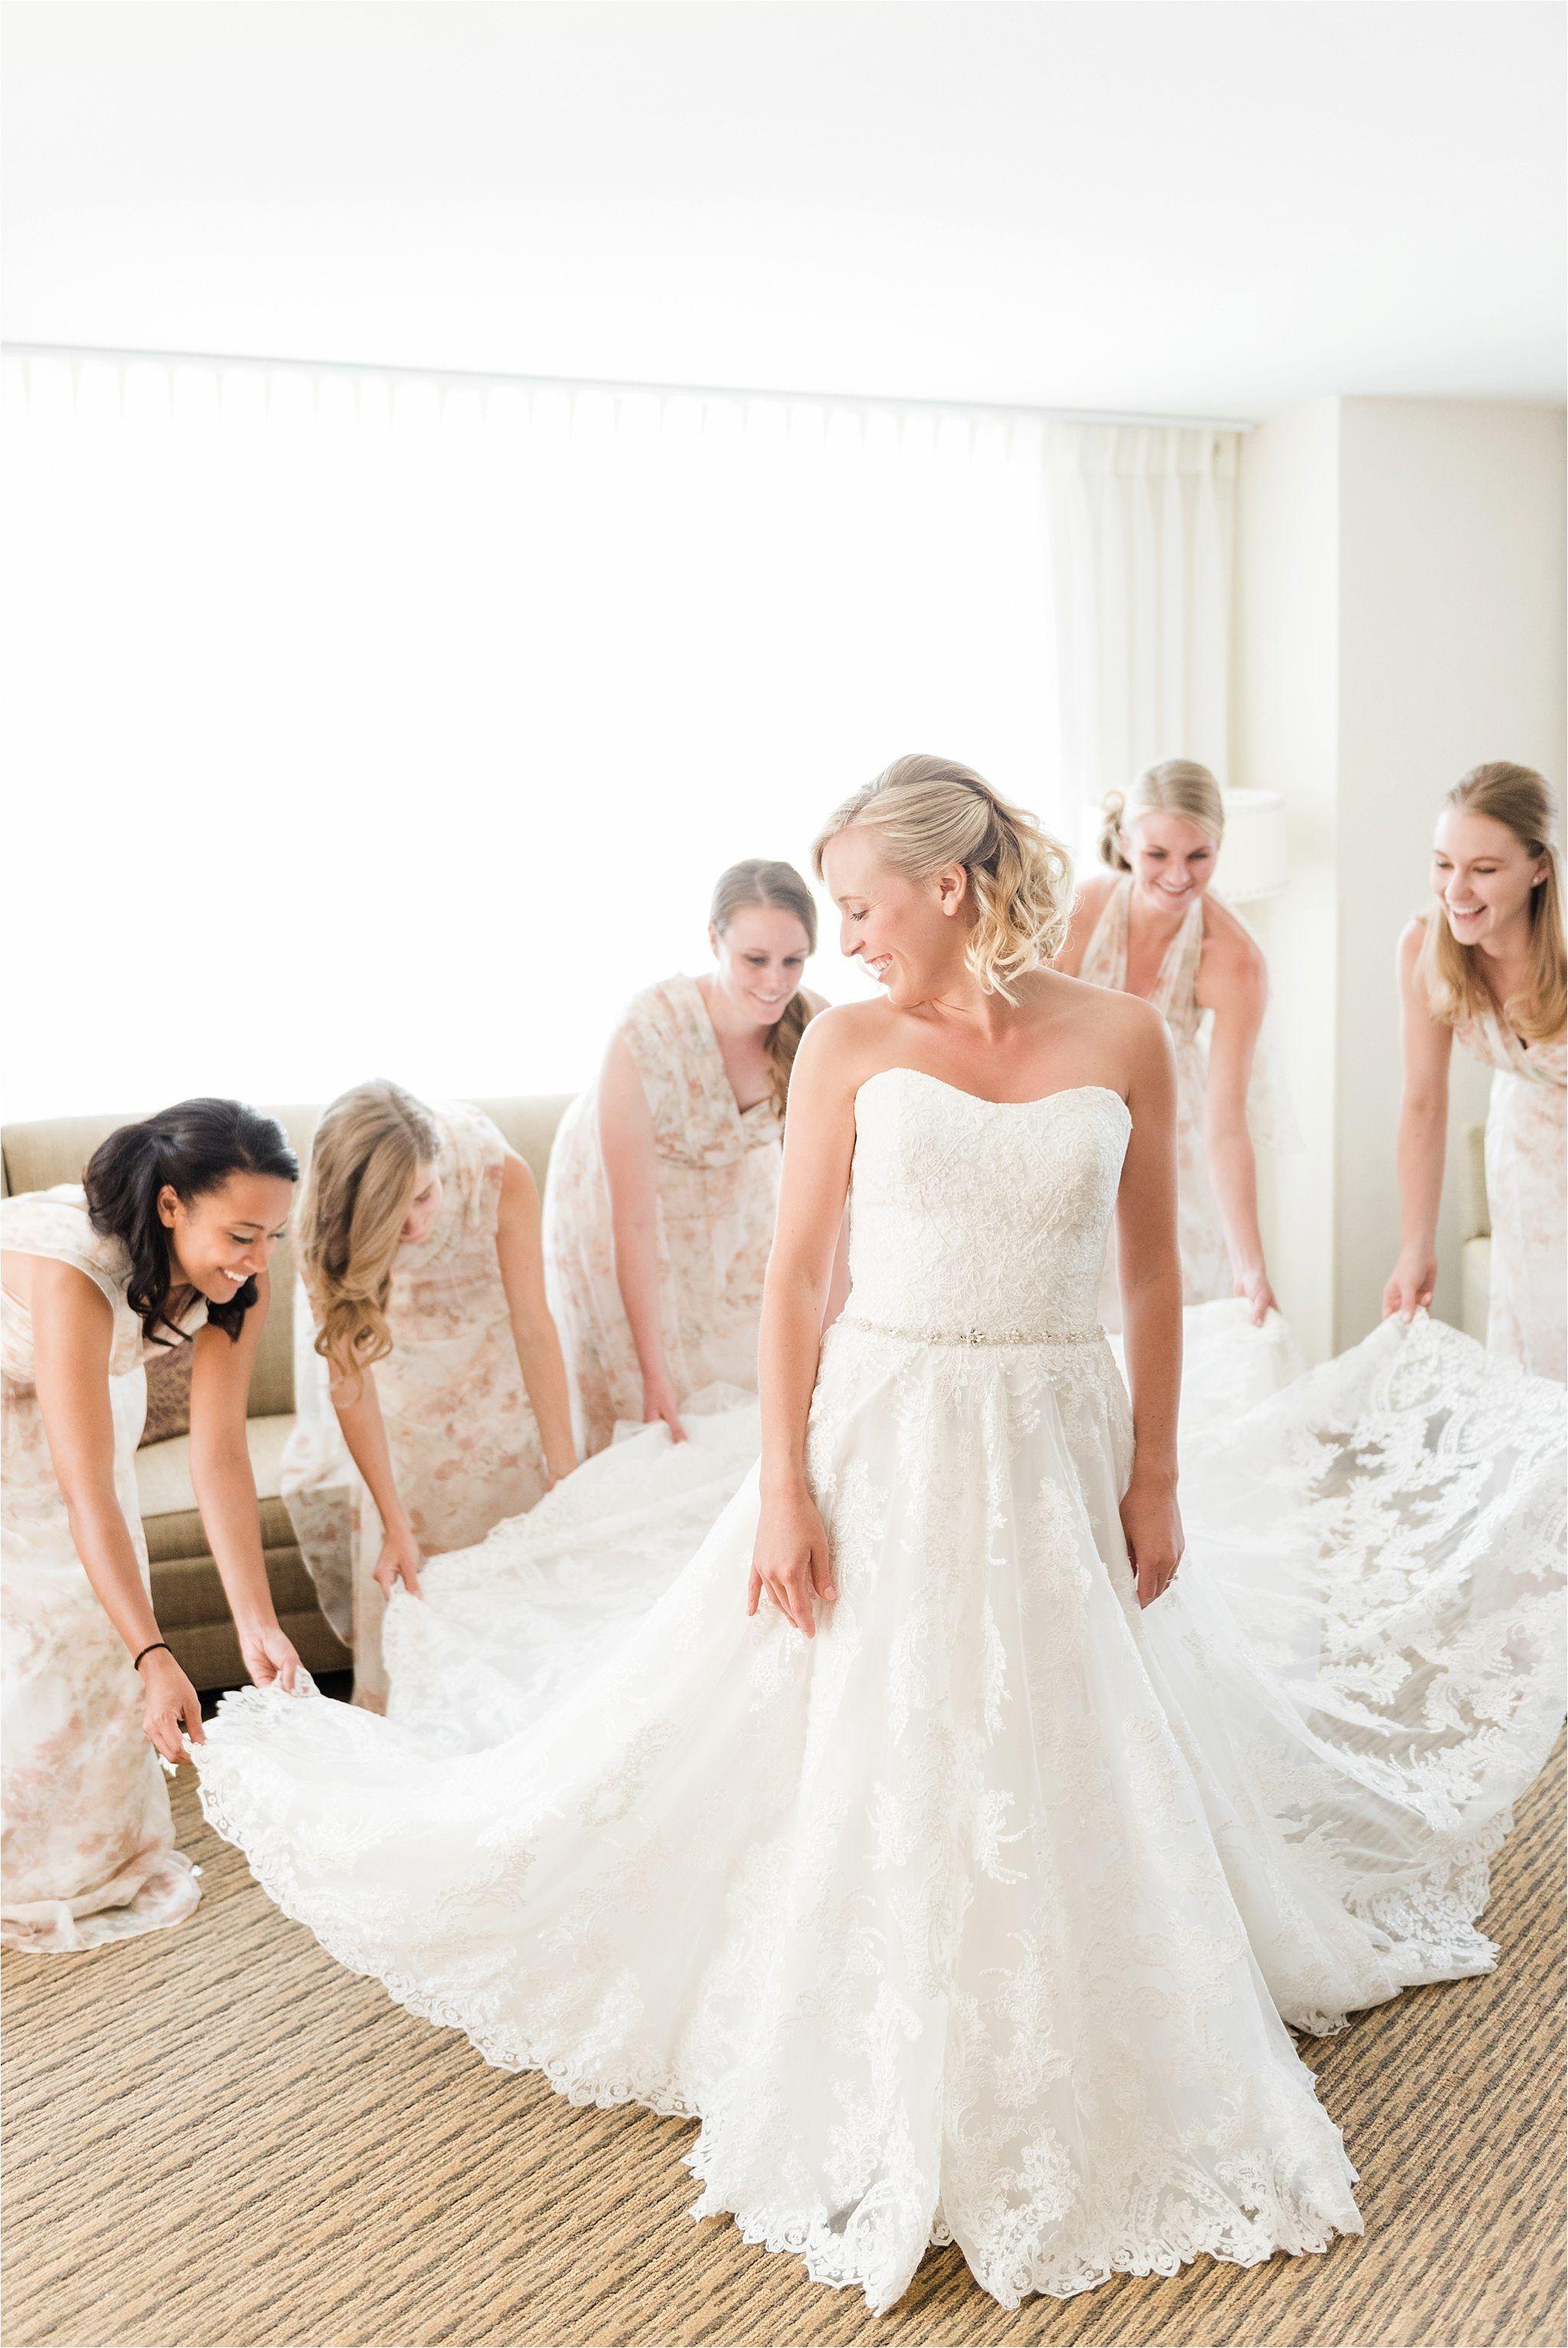 Berühmt Brautjunferkleider Baltimore Bilder - Brautkleider Ideen ...